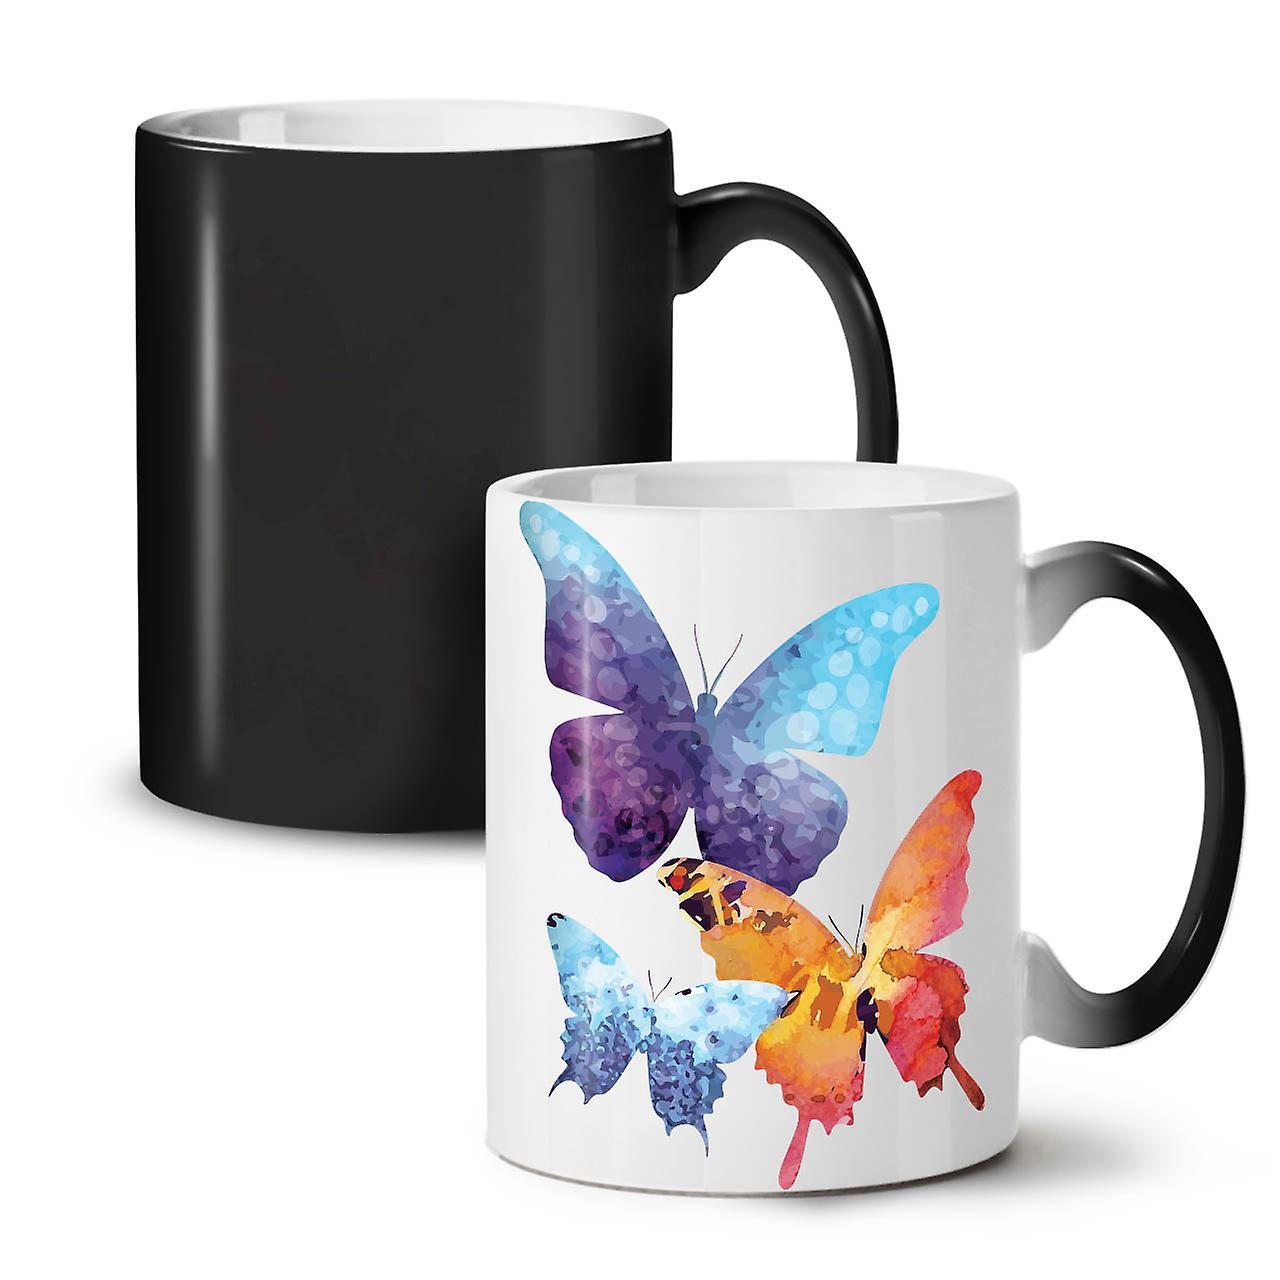 Couleur 11 Tasse OzWellcoda Nouveau Céramique Colorés Noir Café Papillons Changeant Thé yn0NmPv8wO